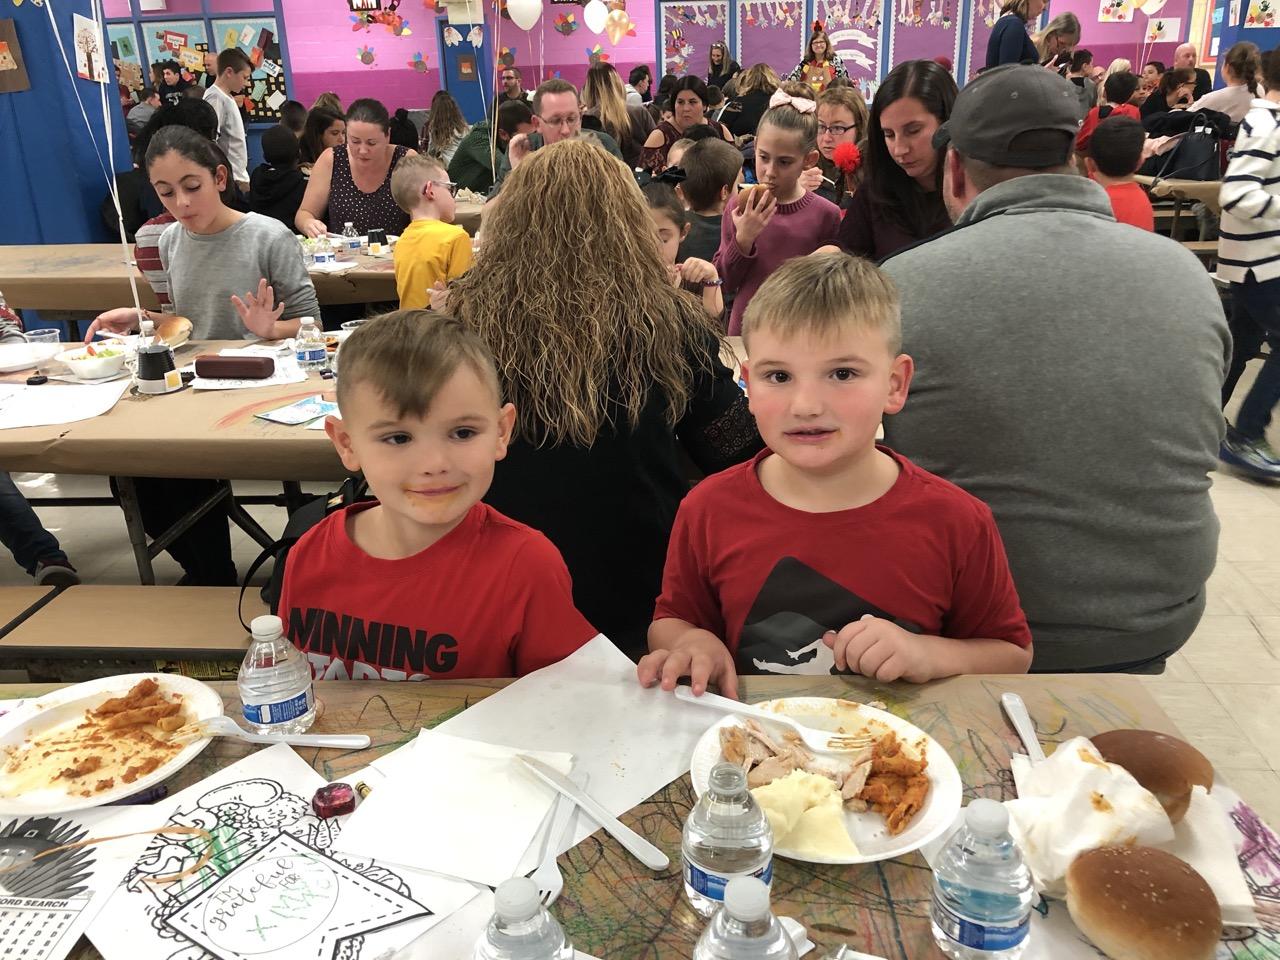 two boys eating dinner